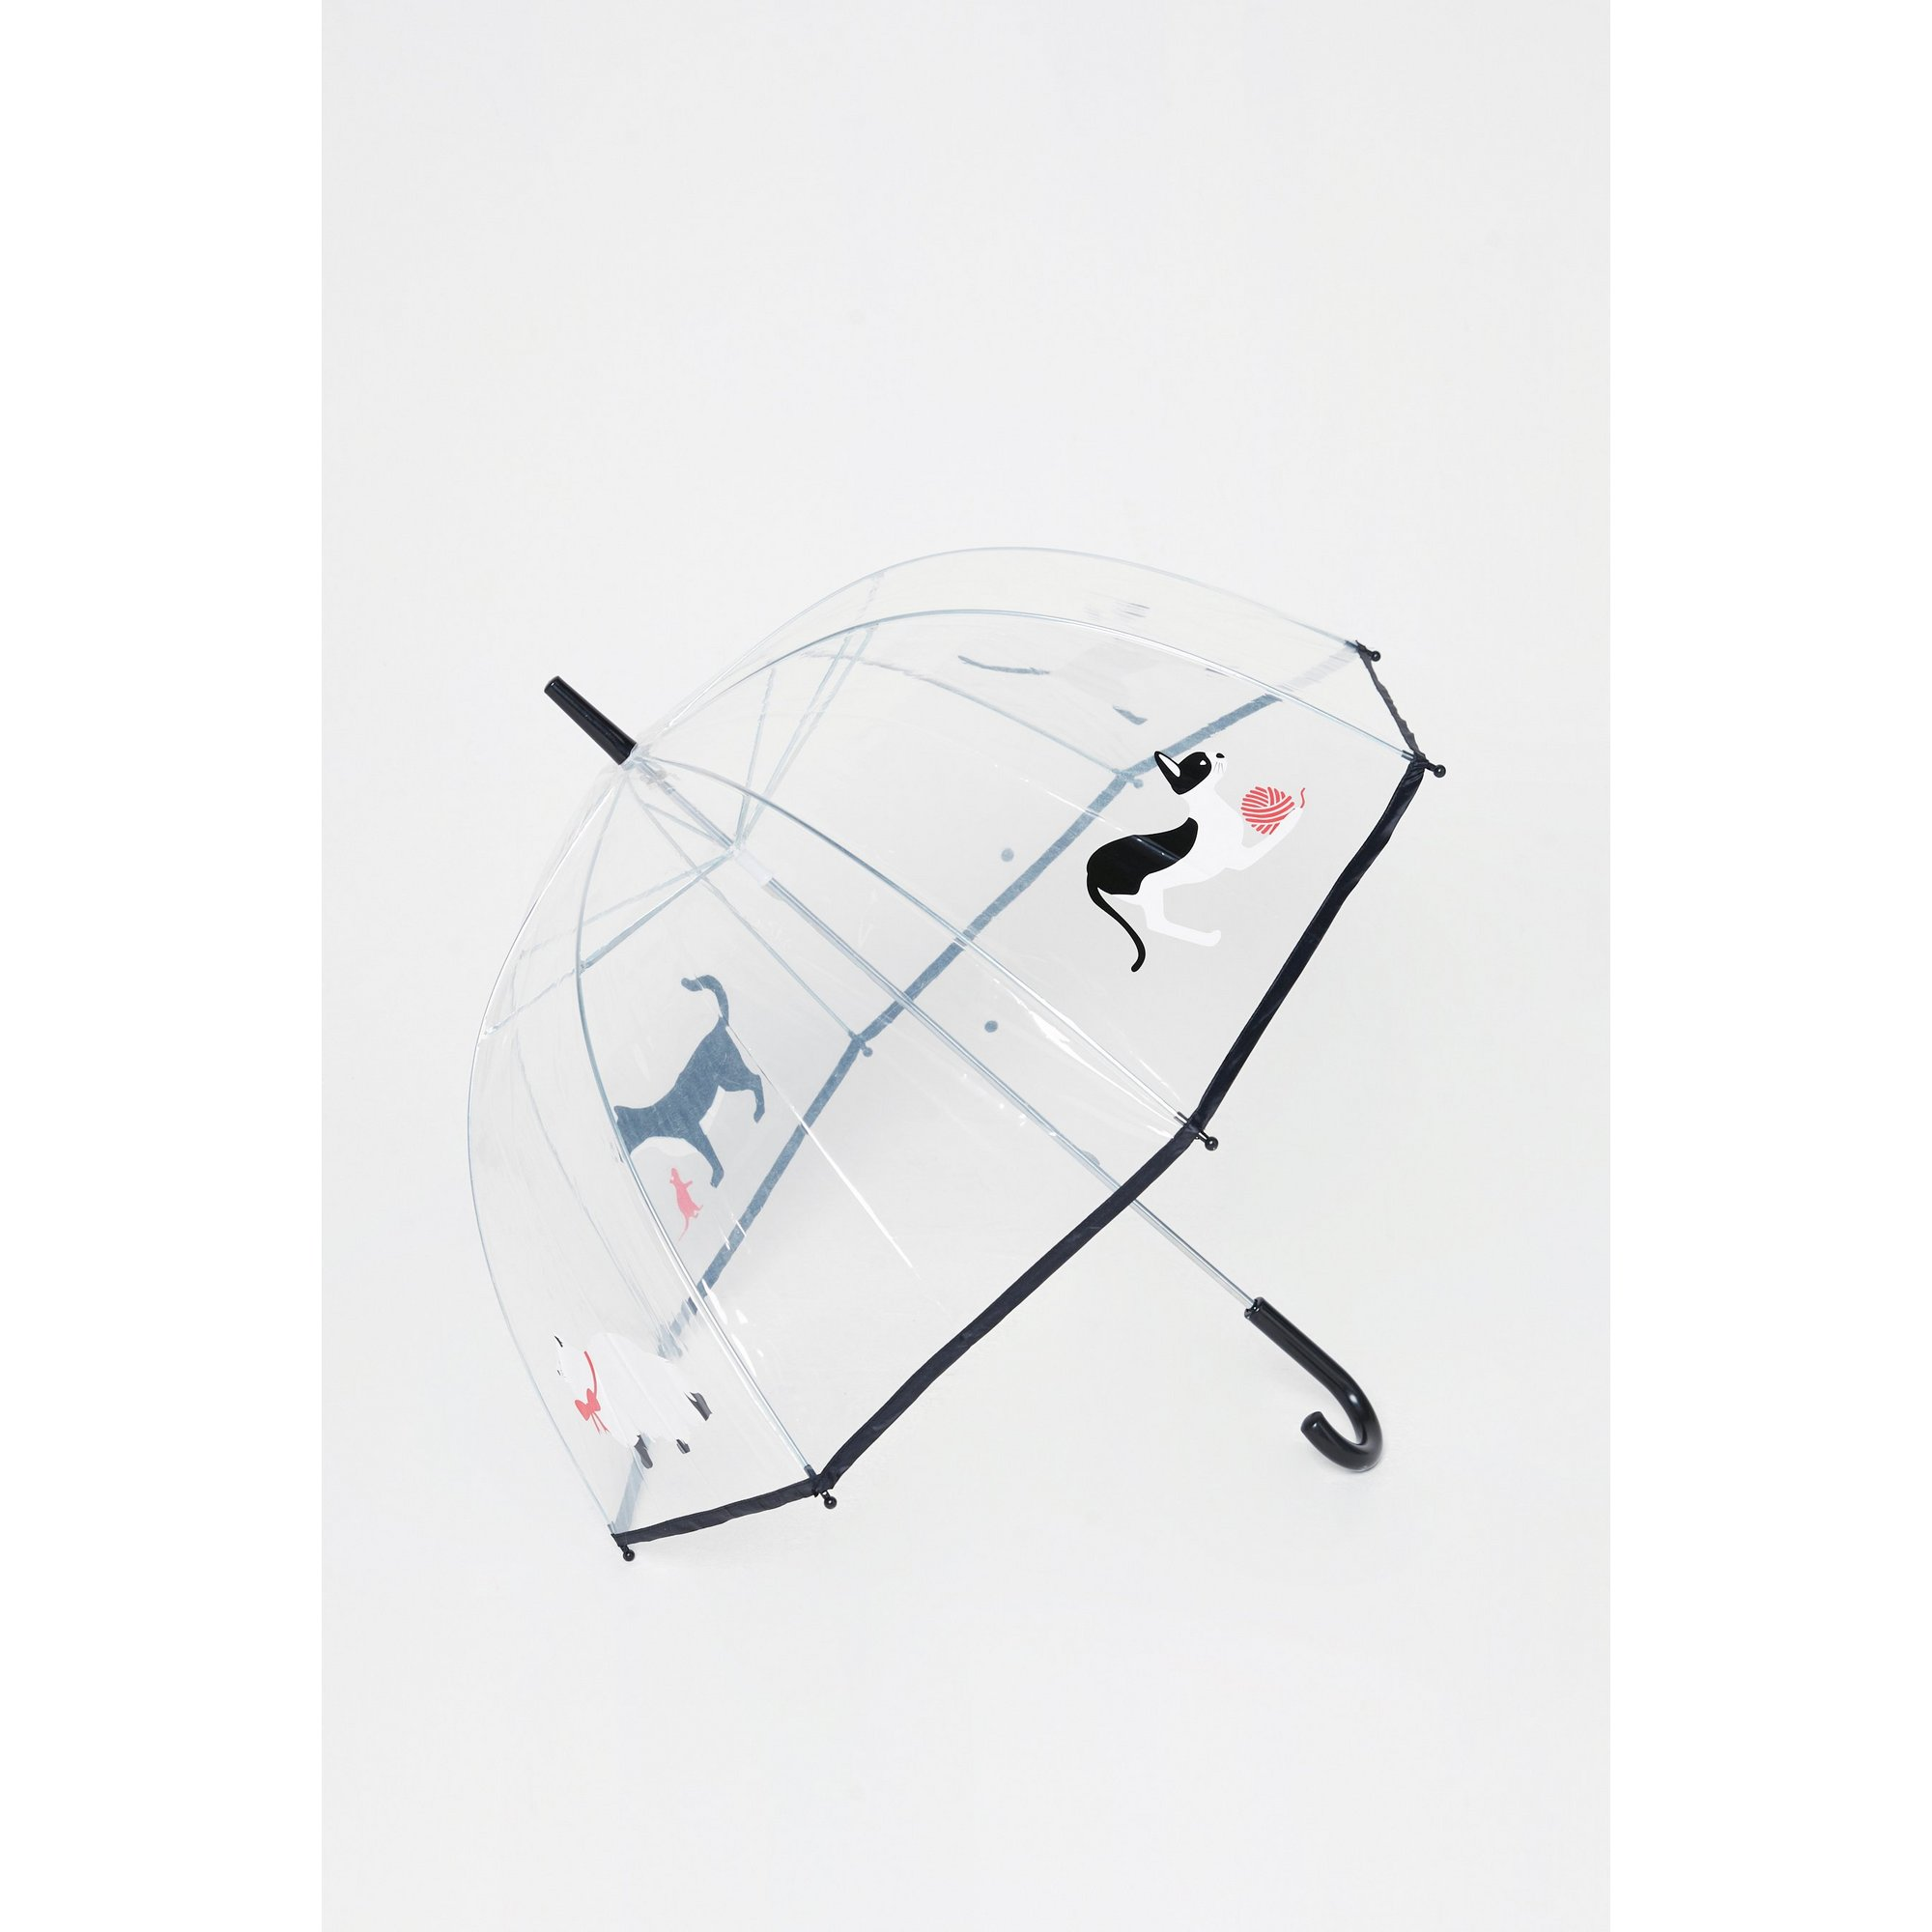 Image of Cat Dome Umbrella